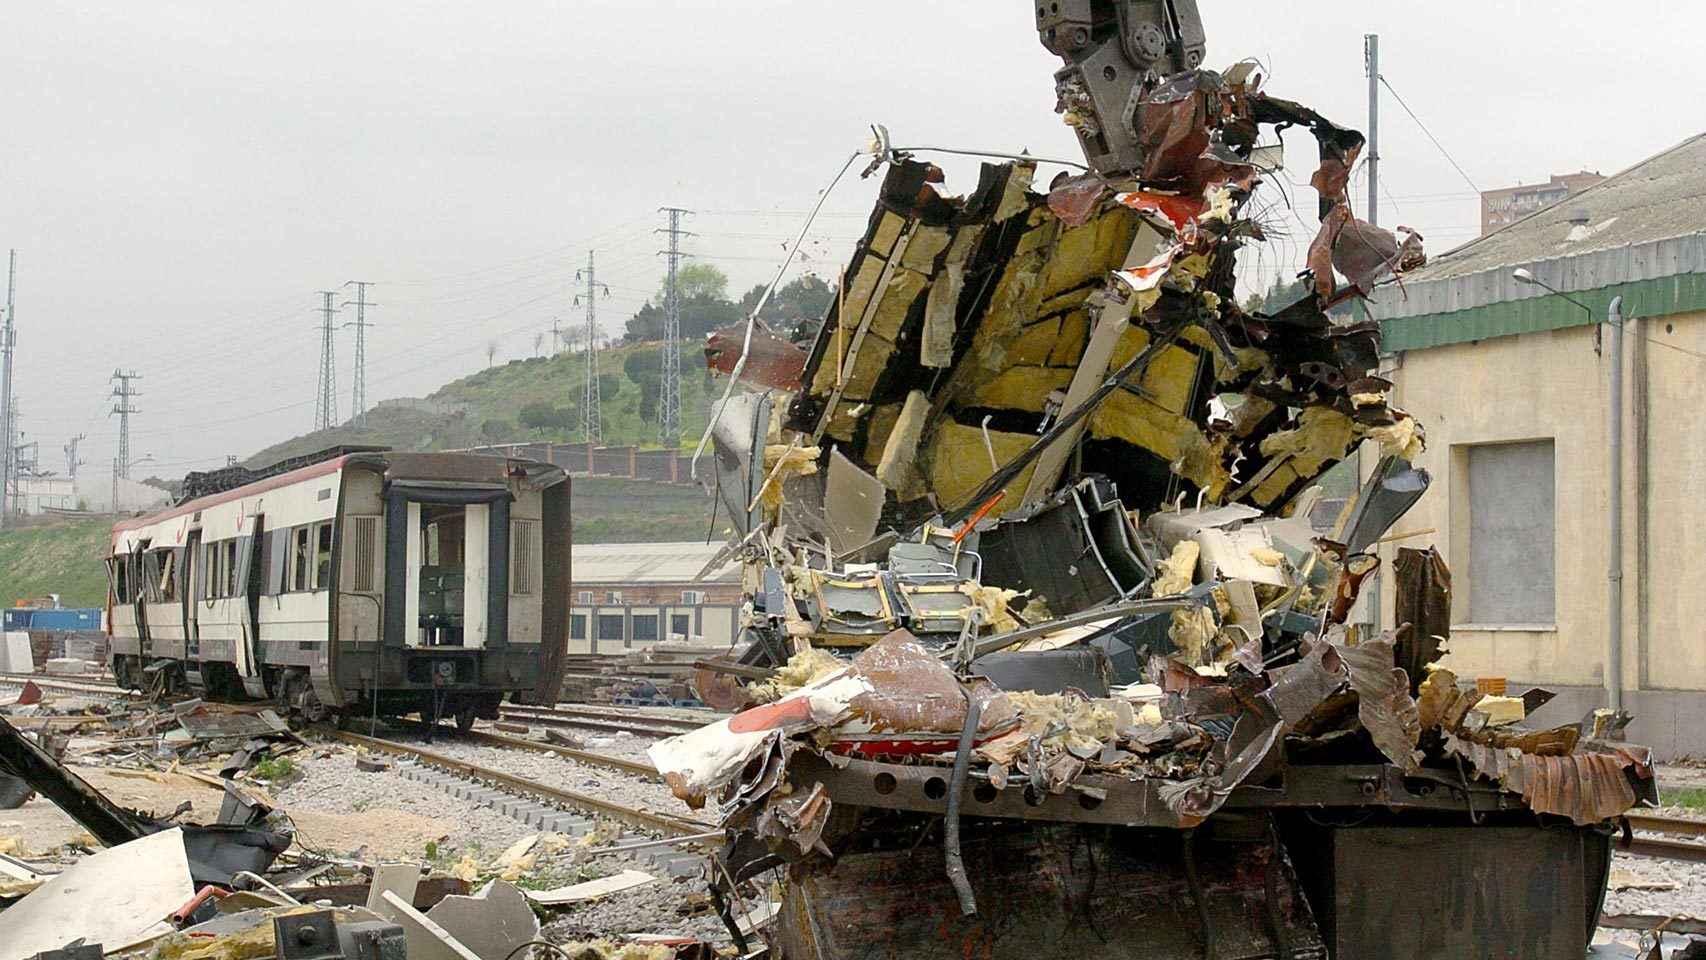 Uno de los vagones del tren de cercanías afectado por los atentados del 11-M.